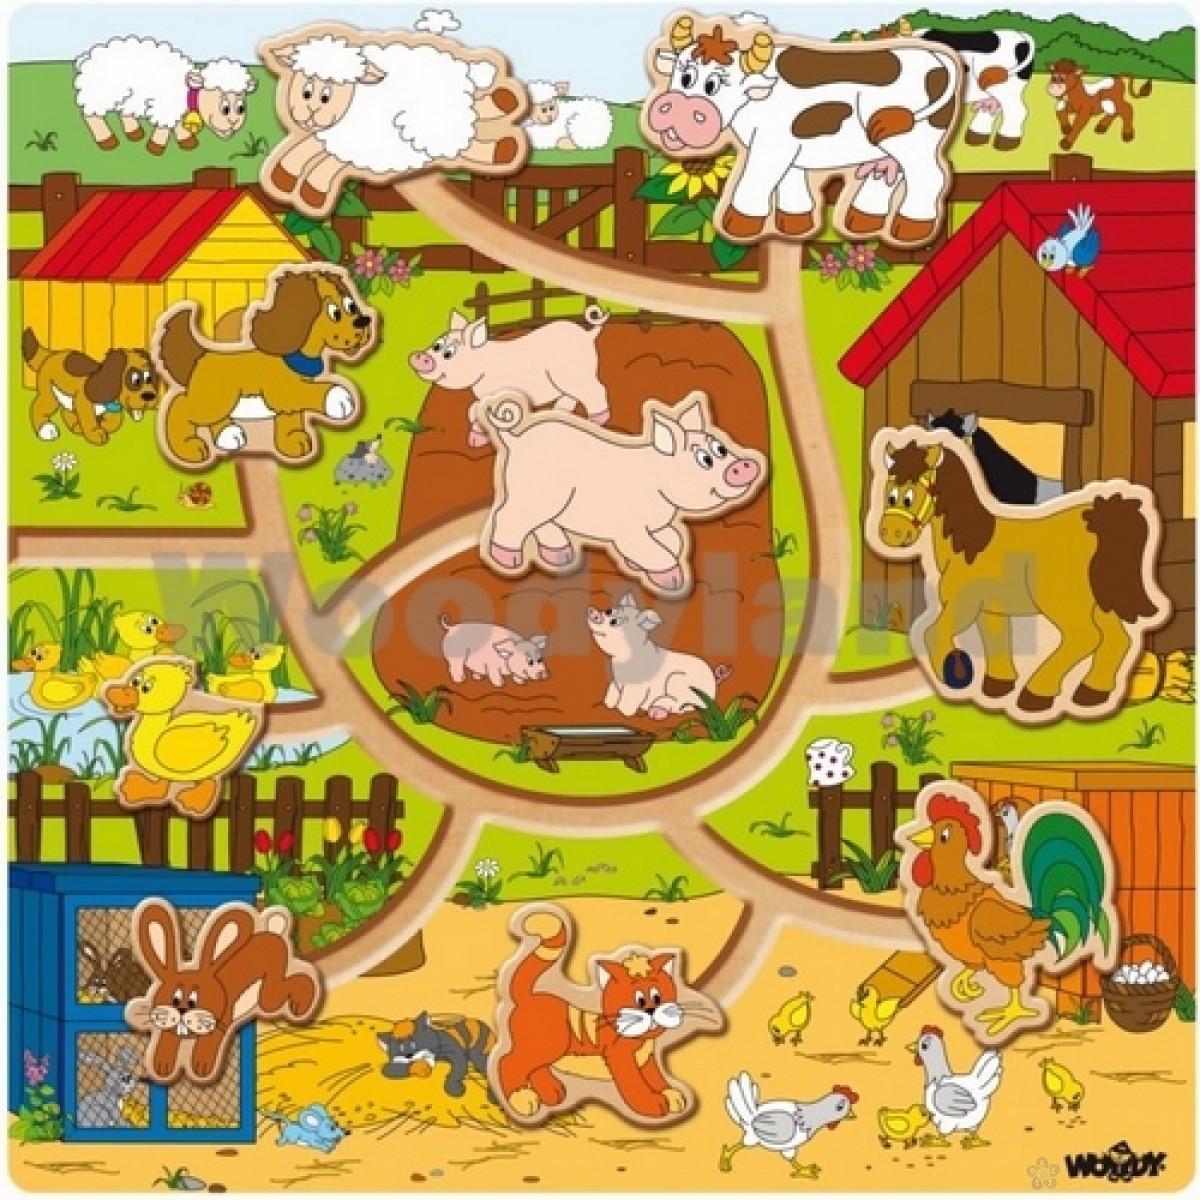 Lavirint sa životinjama na farmi 93030